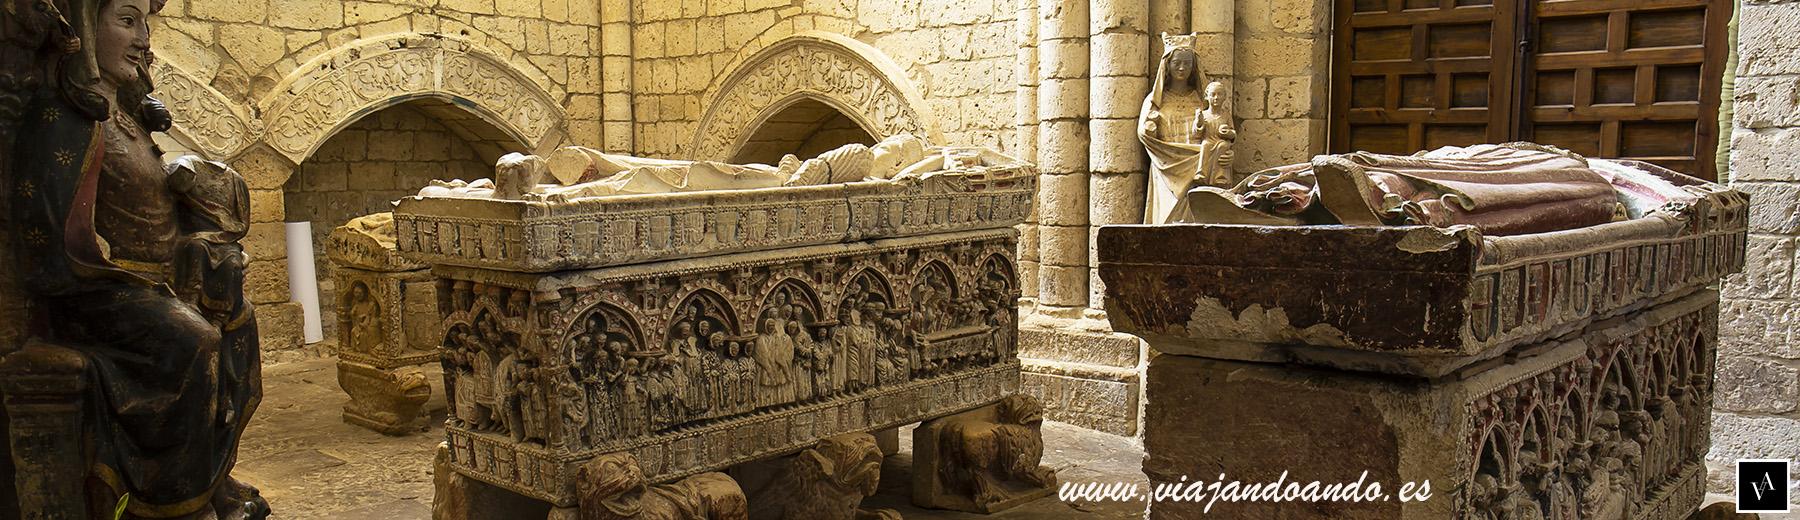 Santa María La Blanca de Villalcázar de Sirga, Palencia